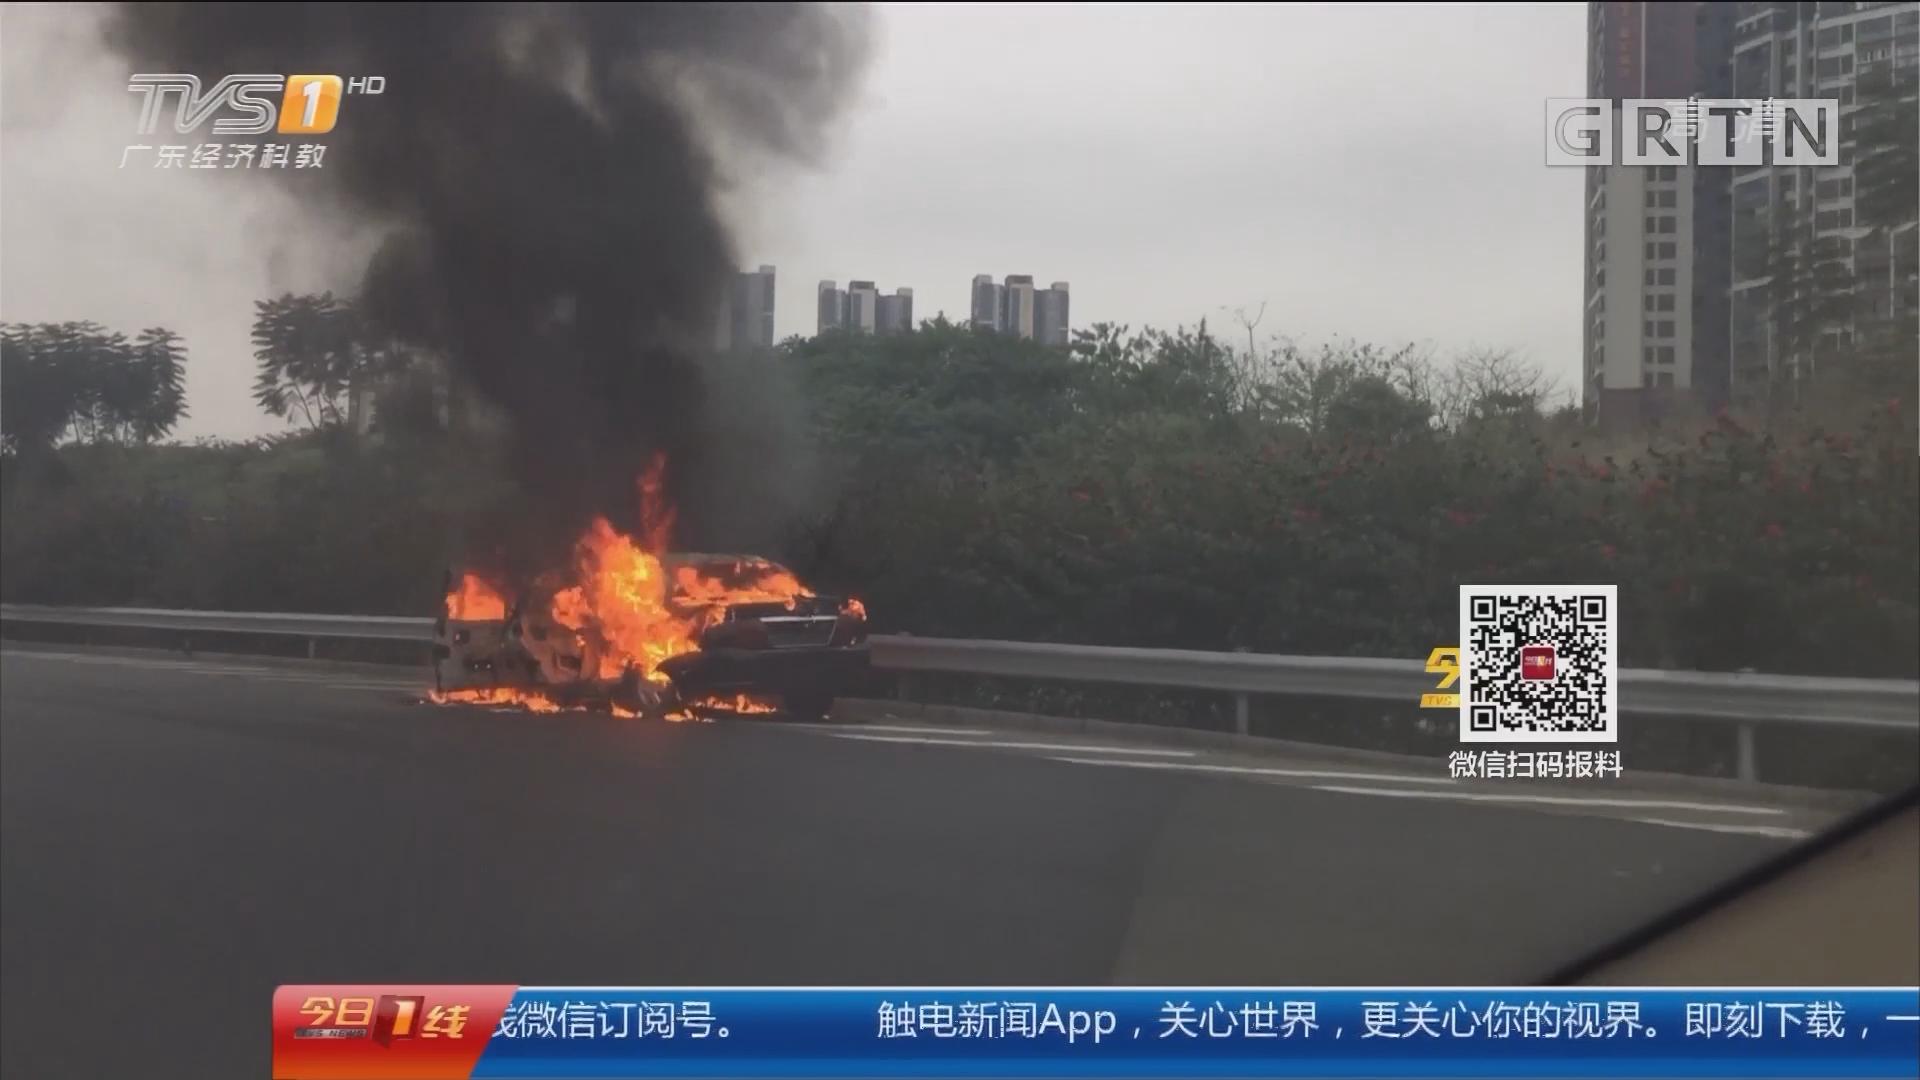 广州白云:新买二手车高速上自燃 车主好郁闷